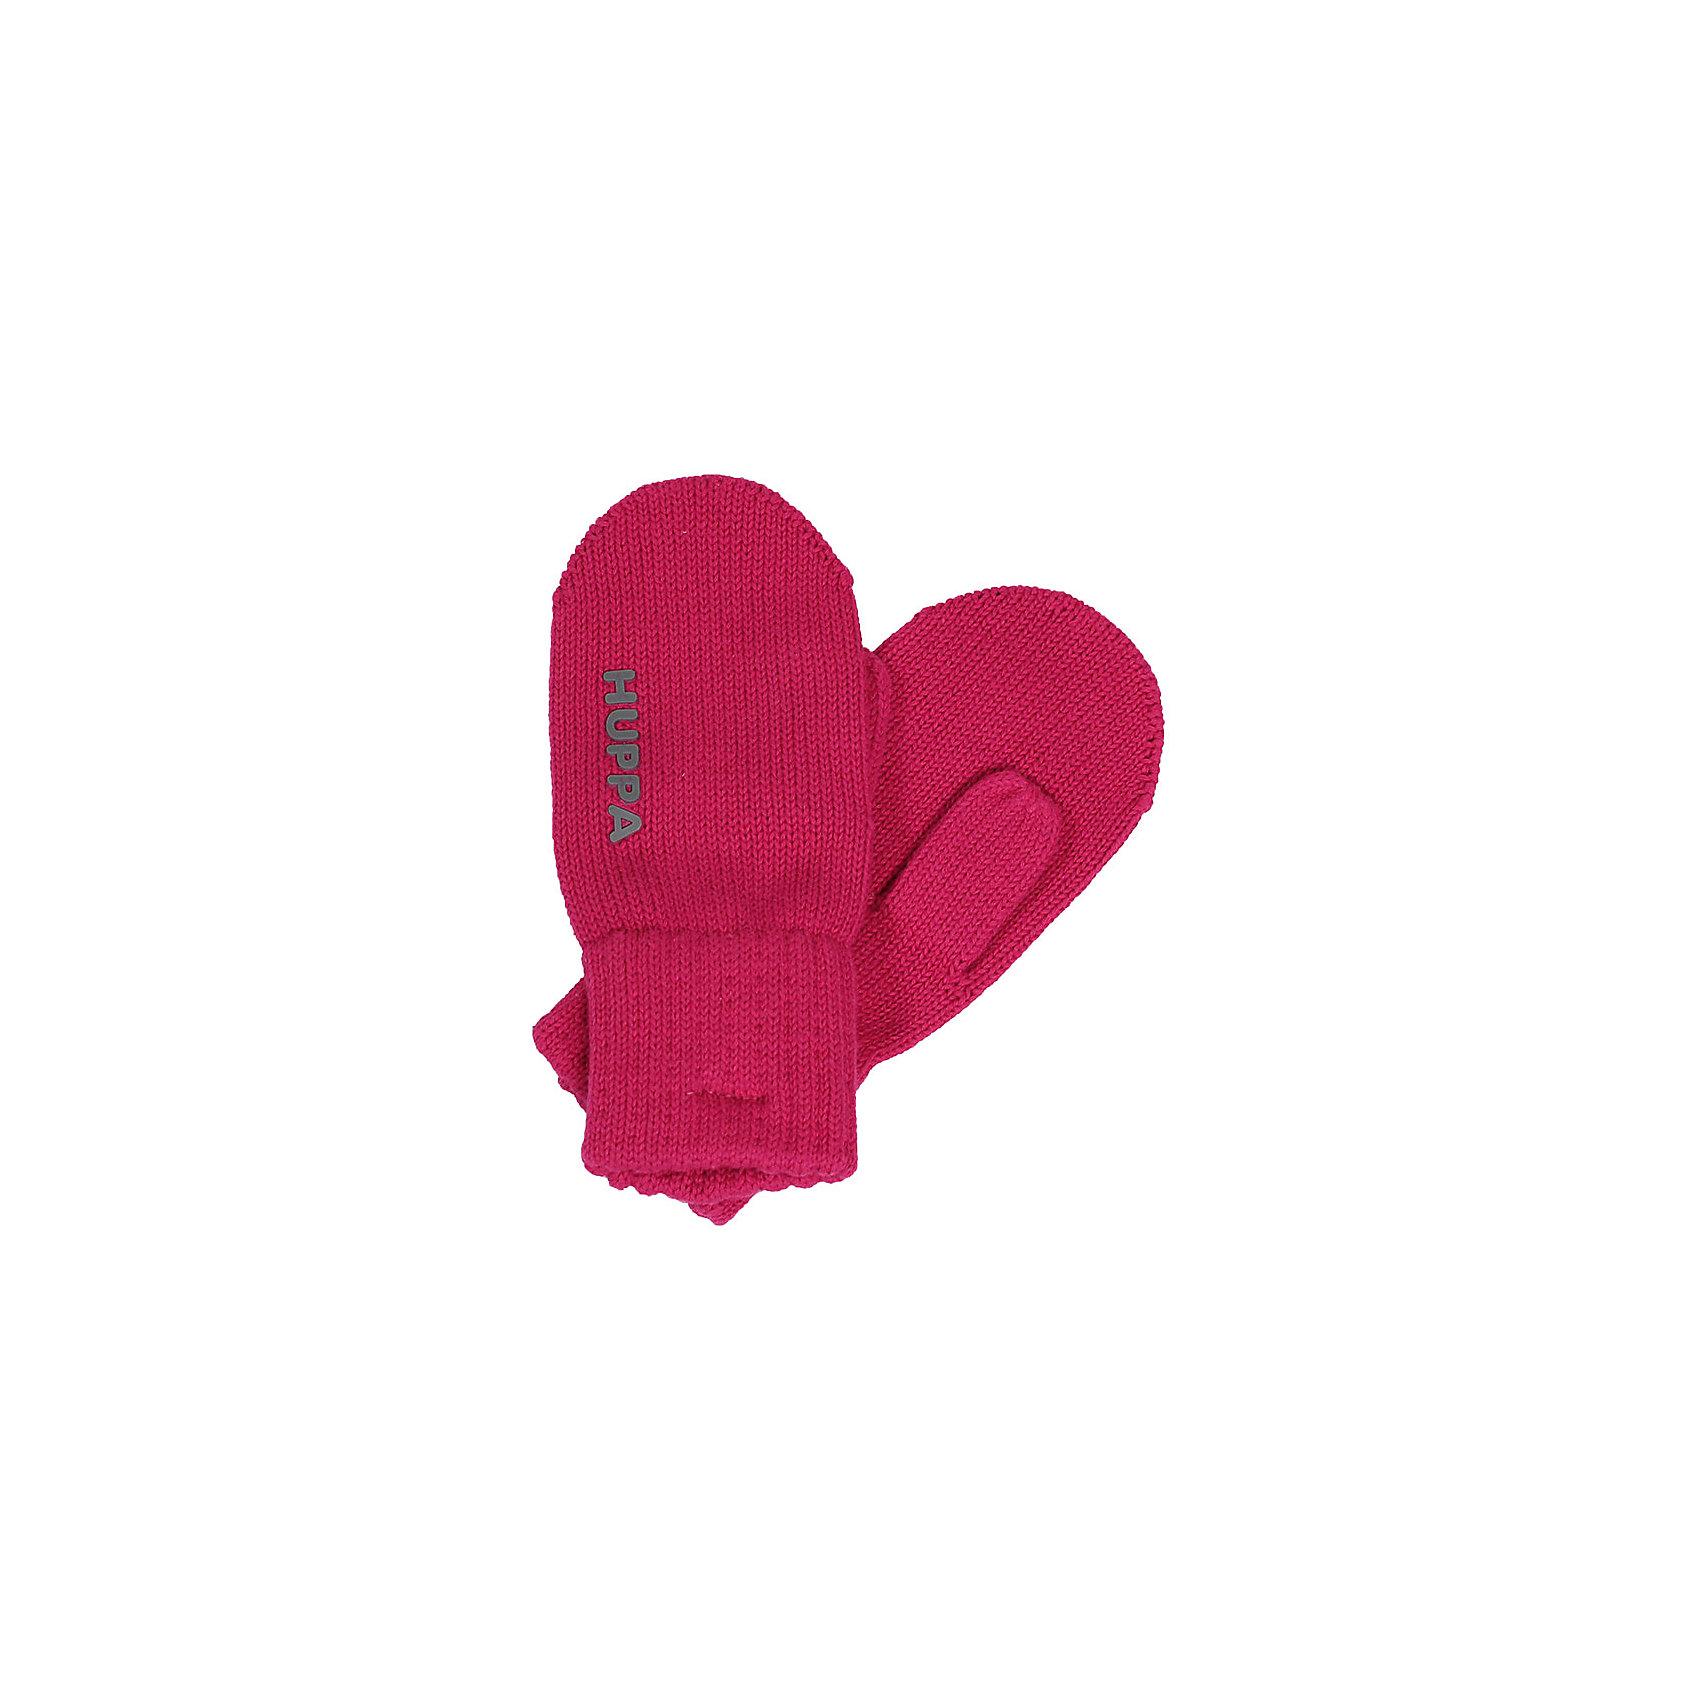 Варежки SKIPPY для девочки HuppaПерчатки, варежки<br>Характеристики товара:<br><br>• цвет: фуксия<br>• состав: 100% хлопок<br>• температурный режим: от 0°С до +10°С<br>• мягкая пряжа<br>• логотип<br>• широкая мягкая резинка<br>• комфортная посадка<br>• страна бренда: Эстония<br><br>Эти варежки обеспечат детям тепло и комфорт в межсезонье. Они сделаны из мягкого дышащего хлопкового материала, поэтому изделие идеально подходит для межсезонья. Варежки очень симпатично смотрятся. Модель была разработана специально для детей.<br><br>Одежда и обувь от популярного эстонского бренда Huppa - отличный вариант одеть ребенка можно и комфортно. Вещи, выпускаемые компанией, качественные, продуманные и очень удобные. Для производства изделий используются только безопасные для детей материалы. Продукция от Huppa порадует и детей, и их родителей!<br><br>Варежки SKIPPY от бренда Huppa (Хуппа) можно купить в нашем интернет-магазине.<br><br>Ширина мм: 162<br>Глубина мм: 171<br>Высота мм: 55<br>Вес г: 119<br>Цвет: розовый<br>Возраст от месяцев: 96<br>Возраст до месяцев: 120<br>Пол: Женский<br>Возраст: Детский<br>Размер: 4,0,1,2,3<br>SKU: 5347978